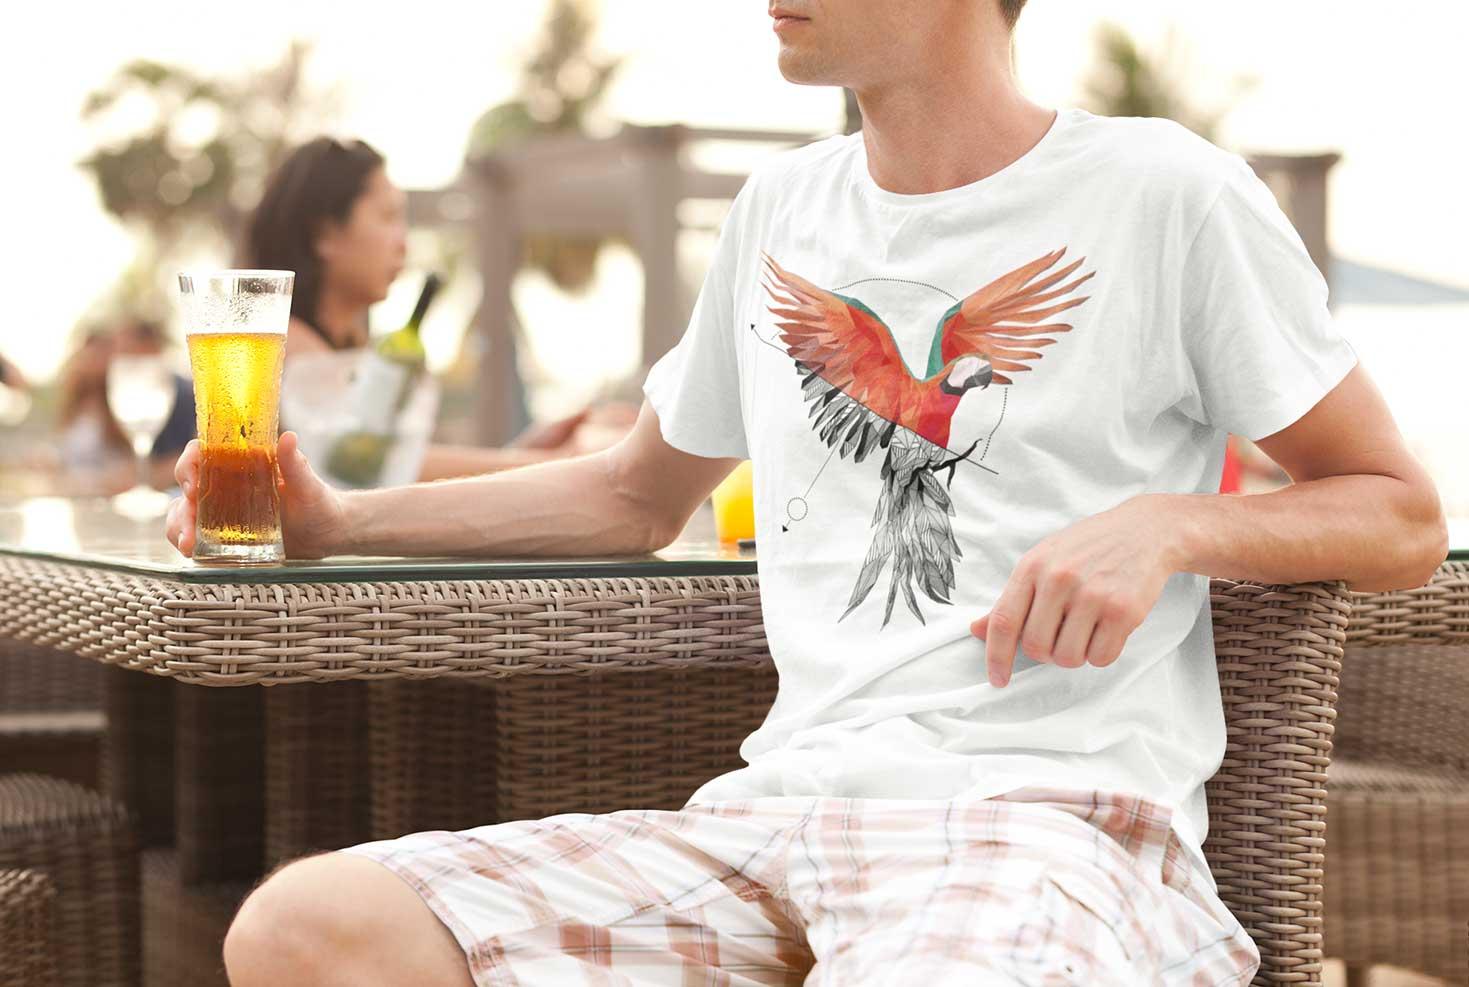 Geometrische Zeichnung von einem Papagei auf einem T-Shirt